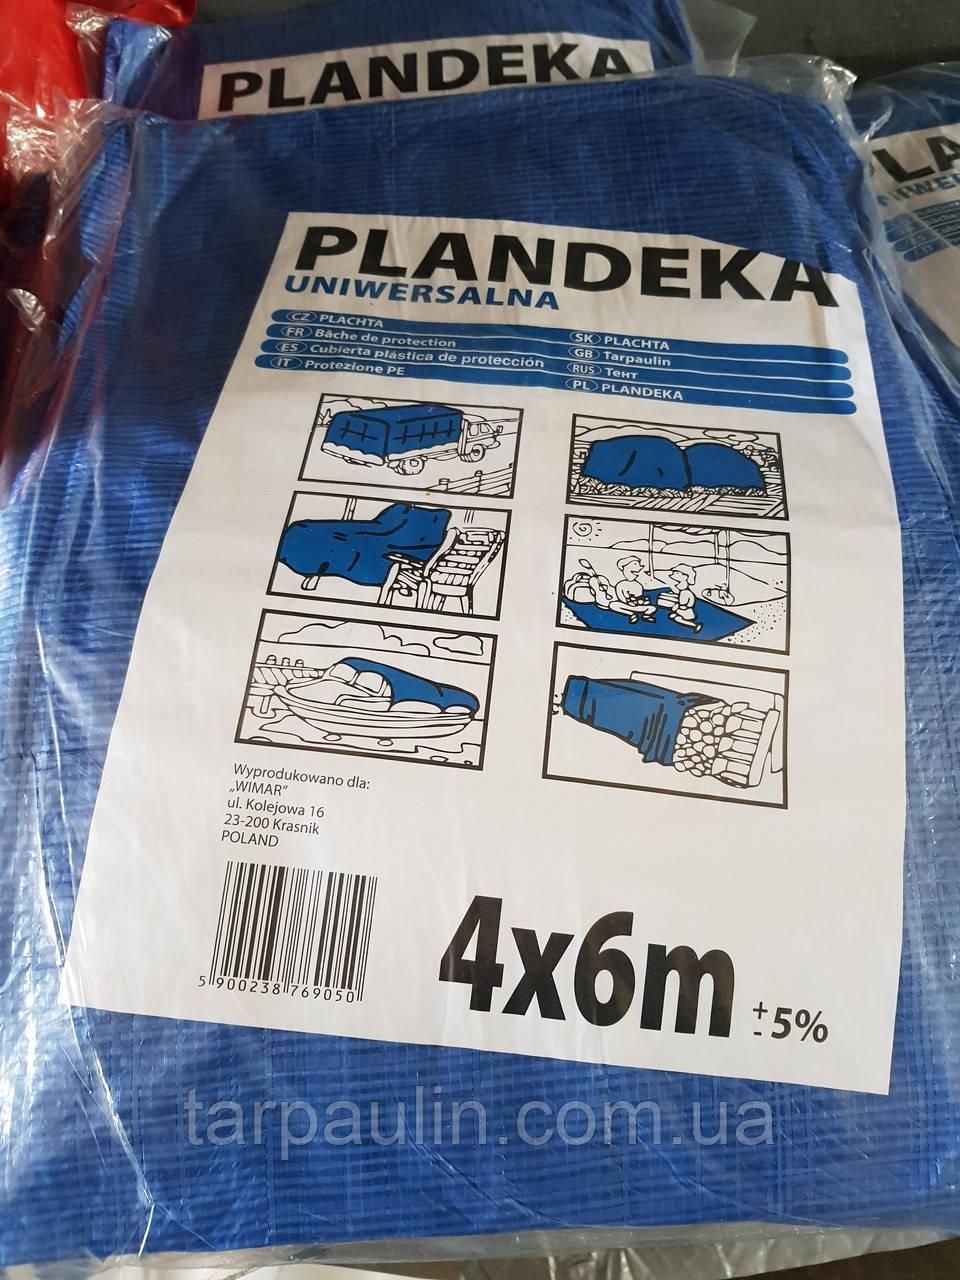 Тенты 4*6 м, готовые размеры в ассортименте,- тент Тарпаулин синий 75 г/м2